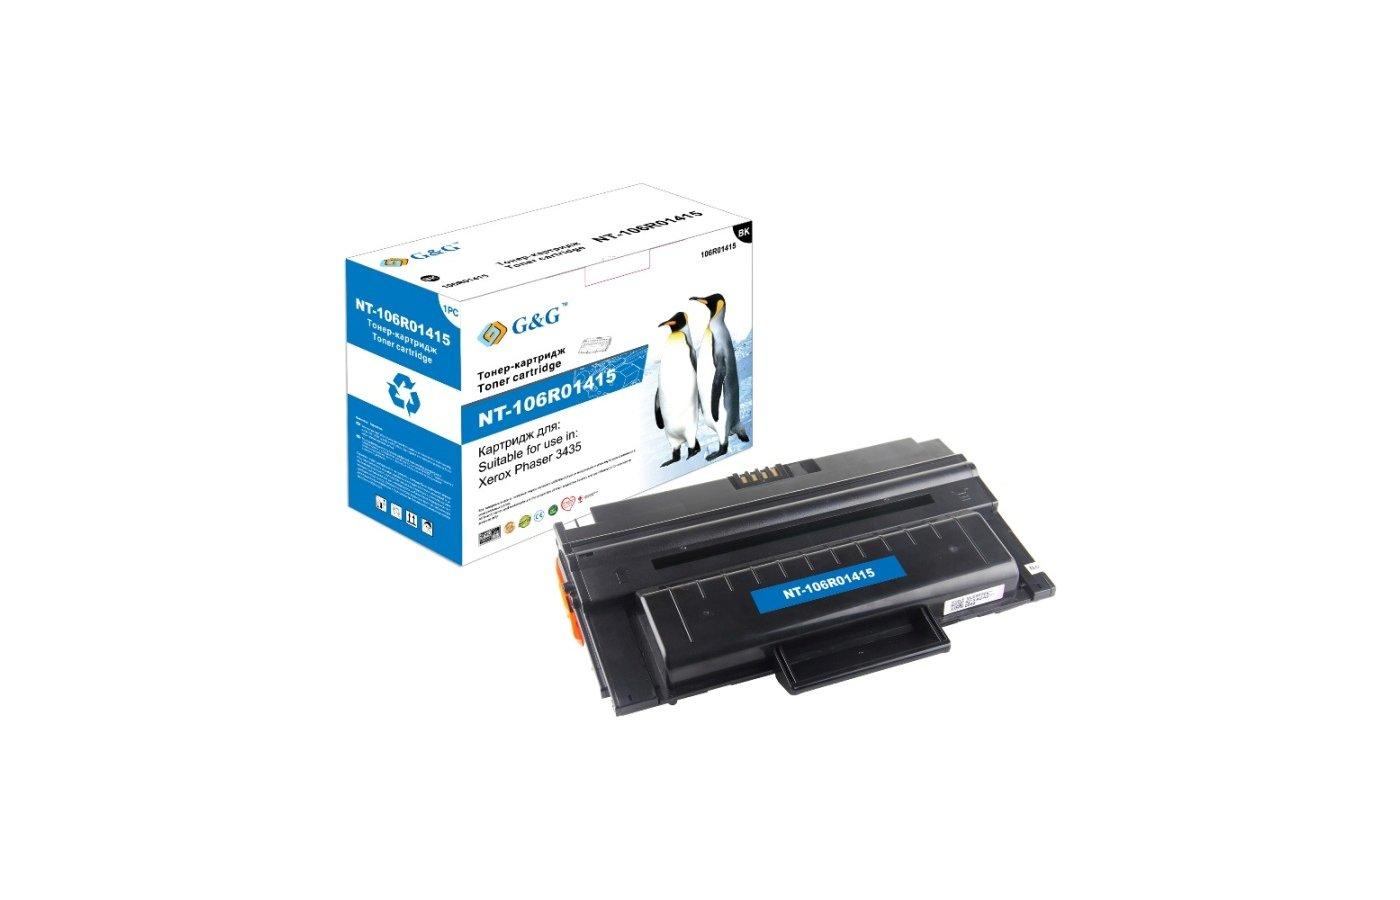 Картридж лазерный GG NT-106R01415 Совместимый для Xerox Phaser 3435 (8000стр)